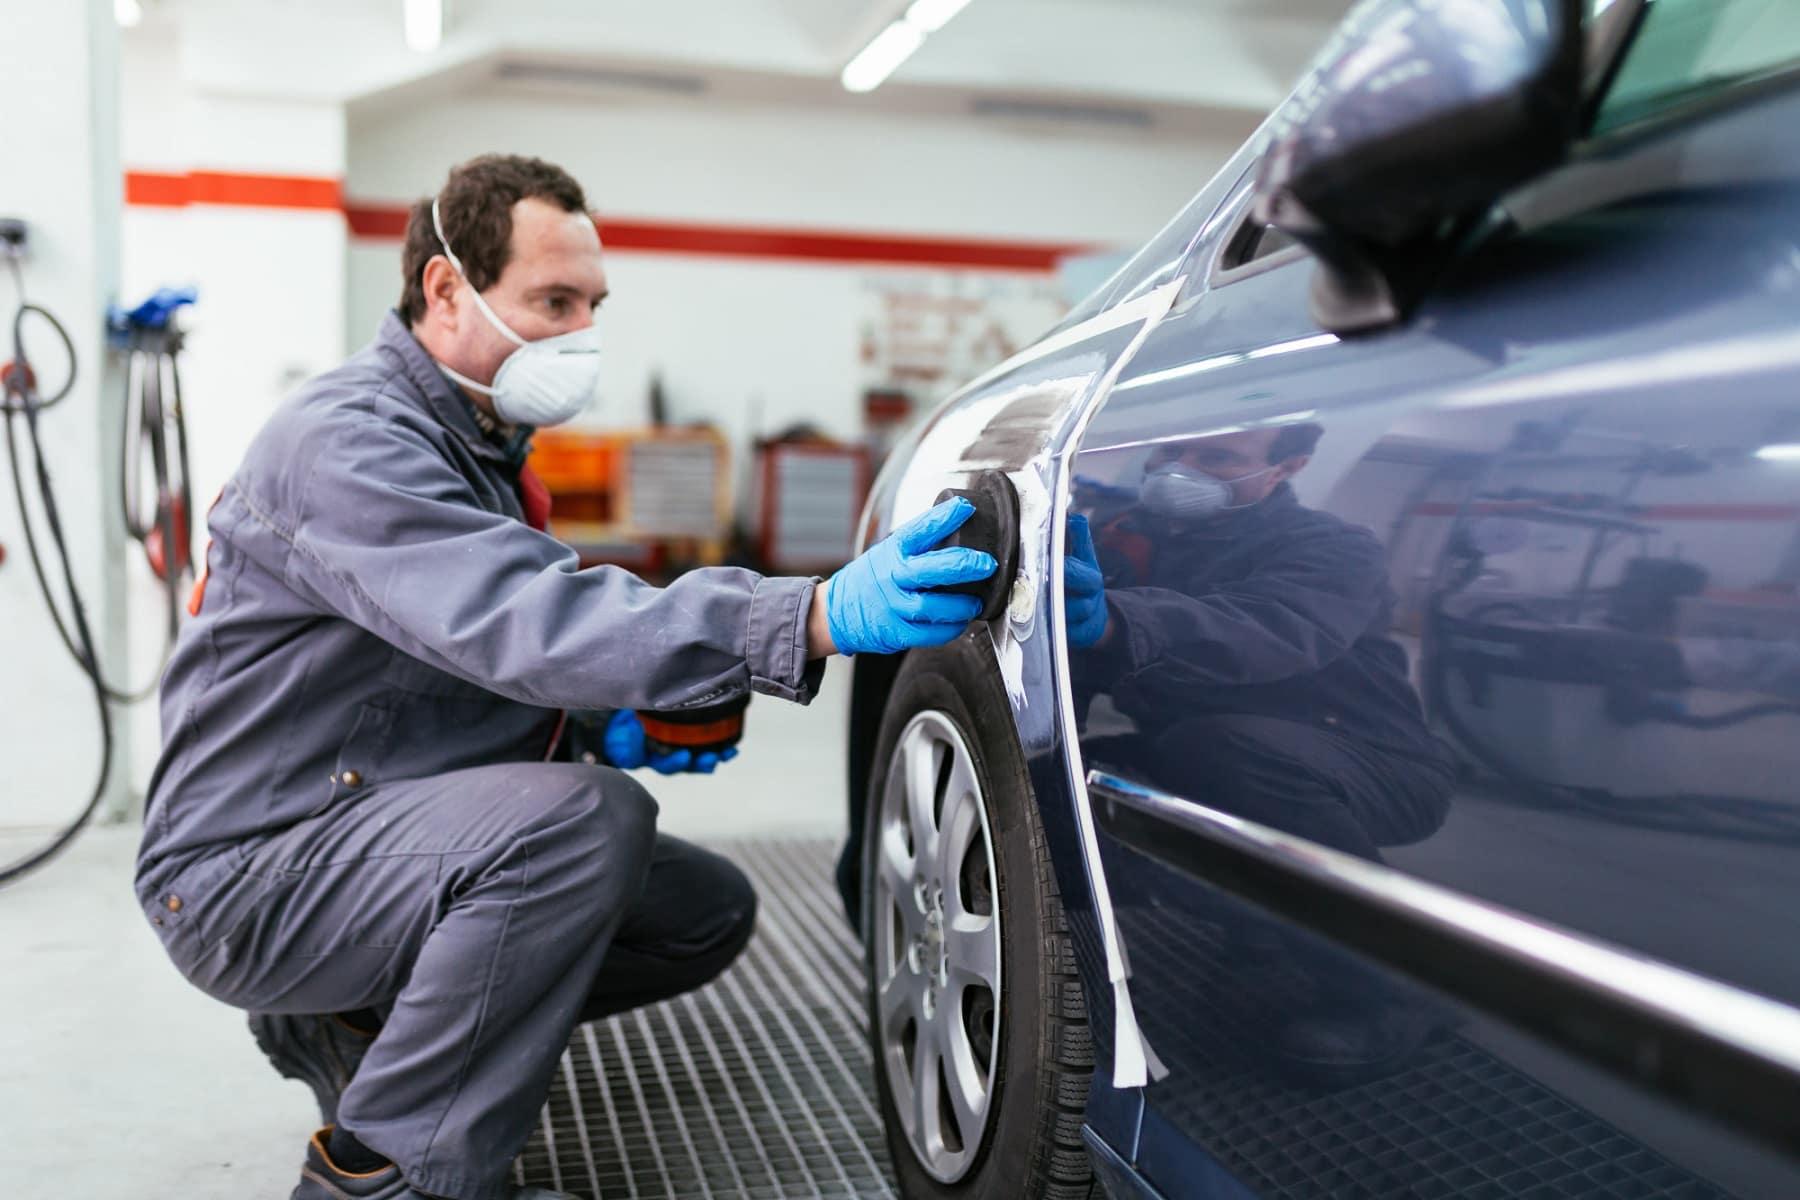 Бизнес по восстановлении аварийных автомобилей в Калифорнии